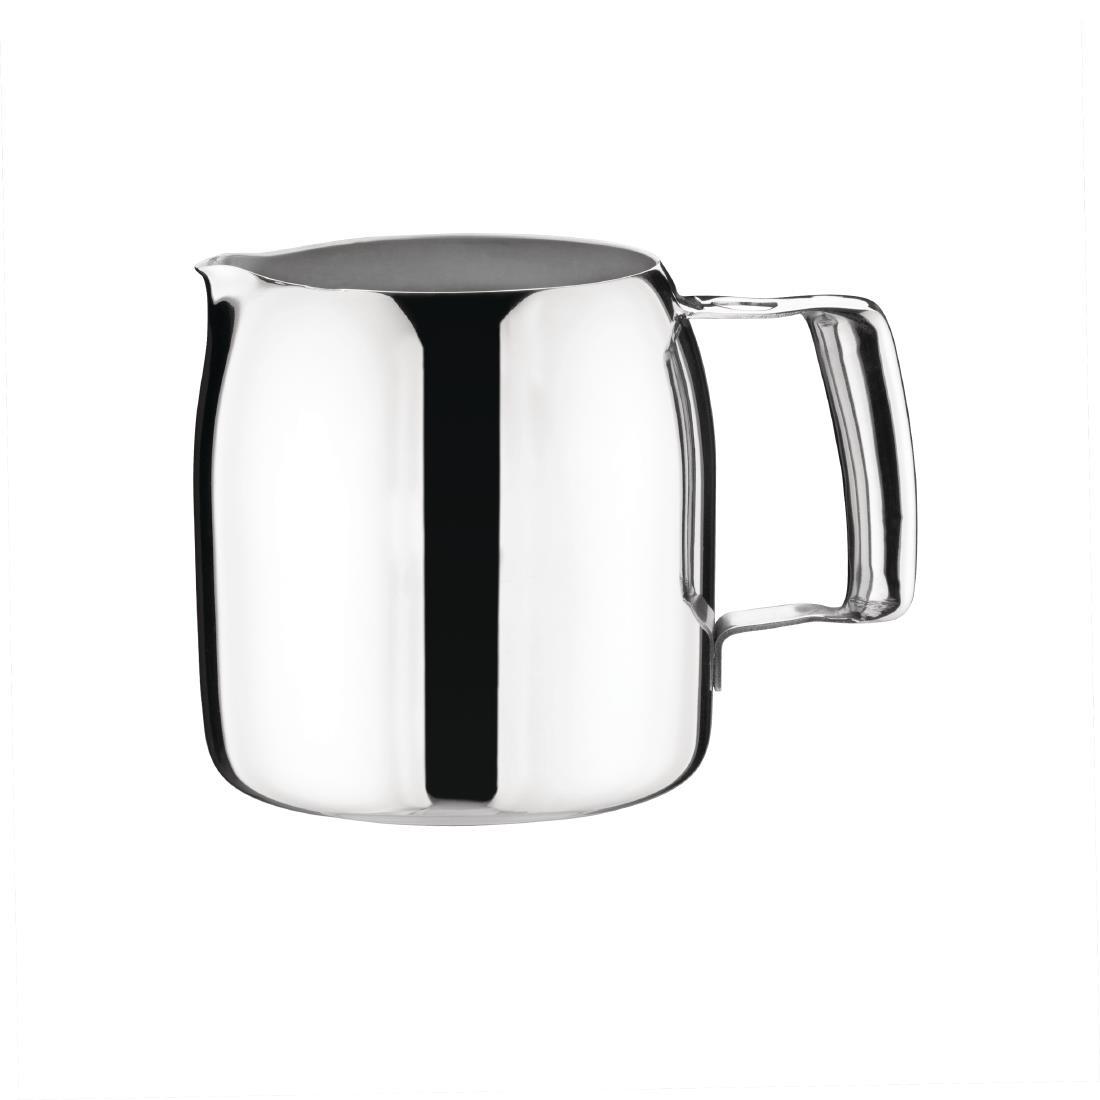 Olympia Cosmos Milk Jug Stainless Steel 340ml (J326)